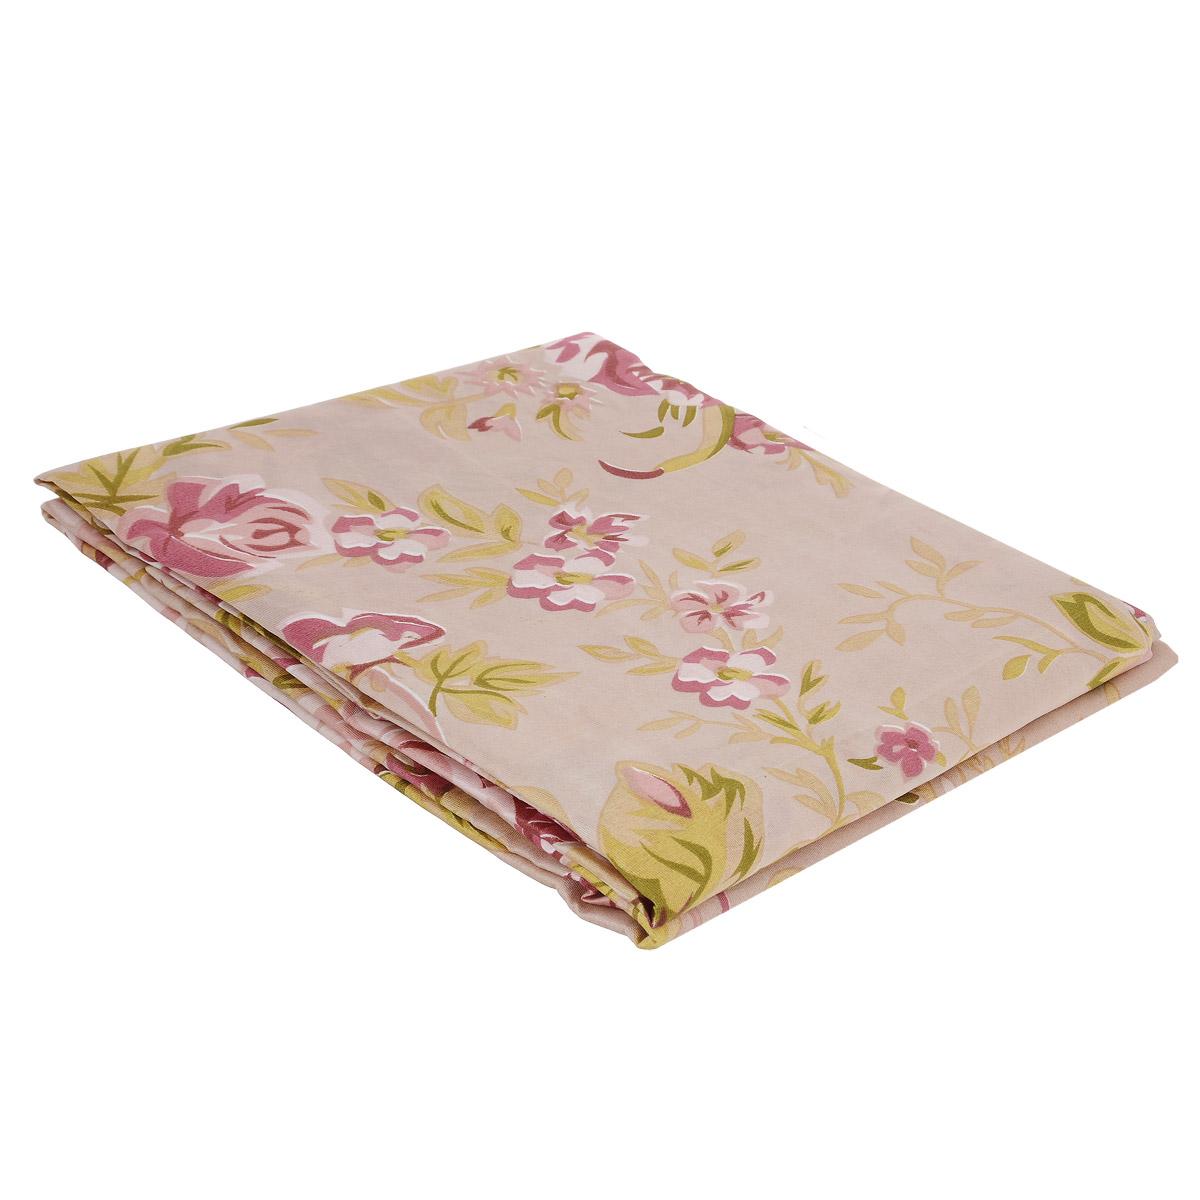 Комплект штор Ноты счастья, на петлях, цвет: розовый, зеленый, высота 220 см шторы для комнаты tomdom комплект штор агно розовый 260 см